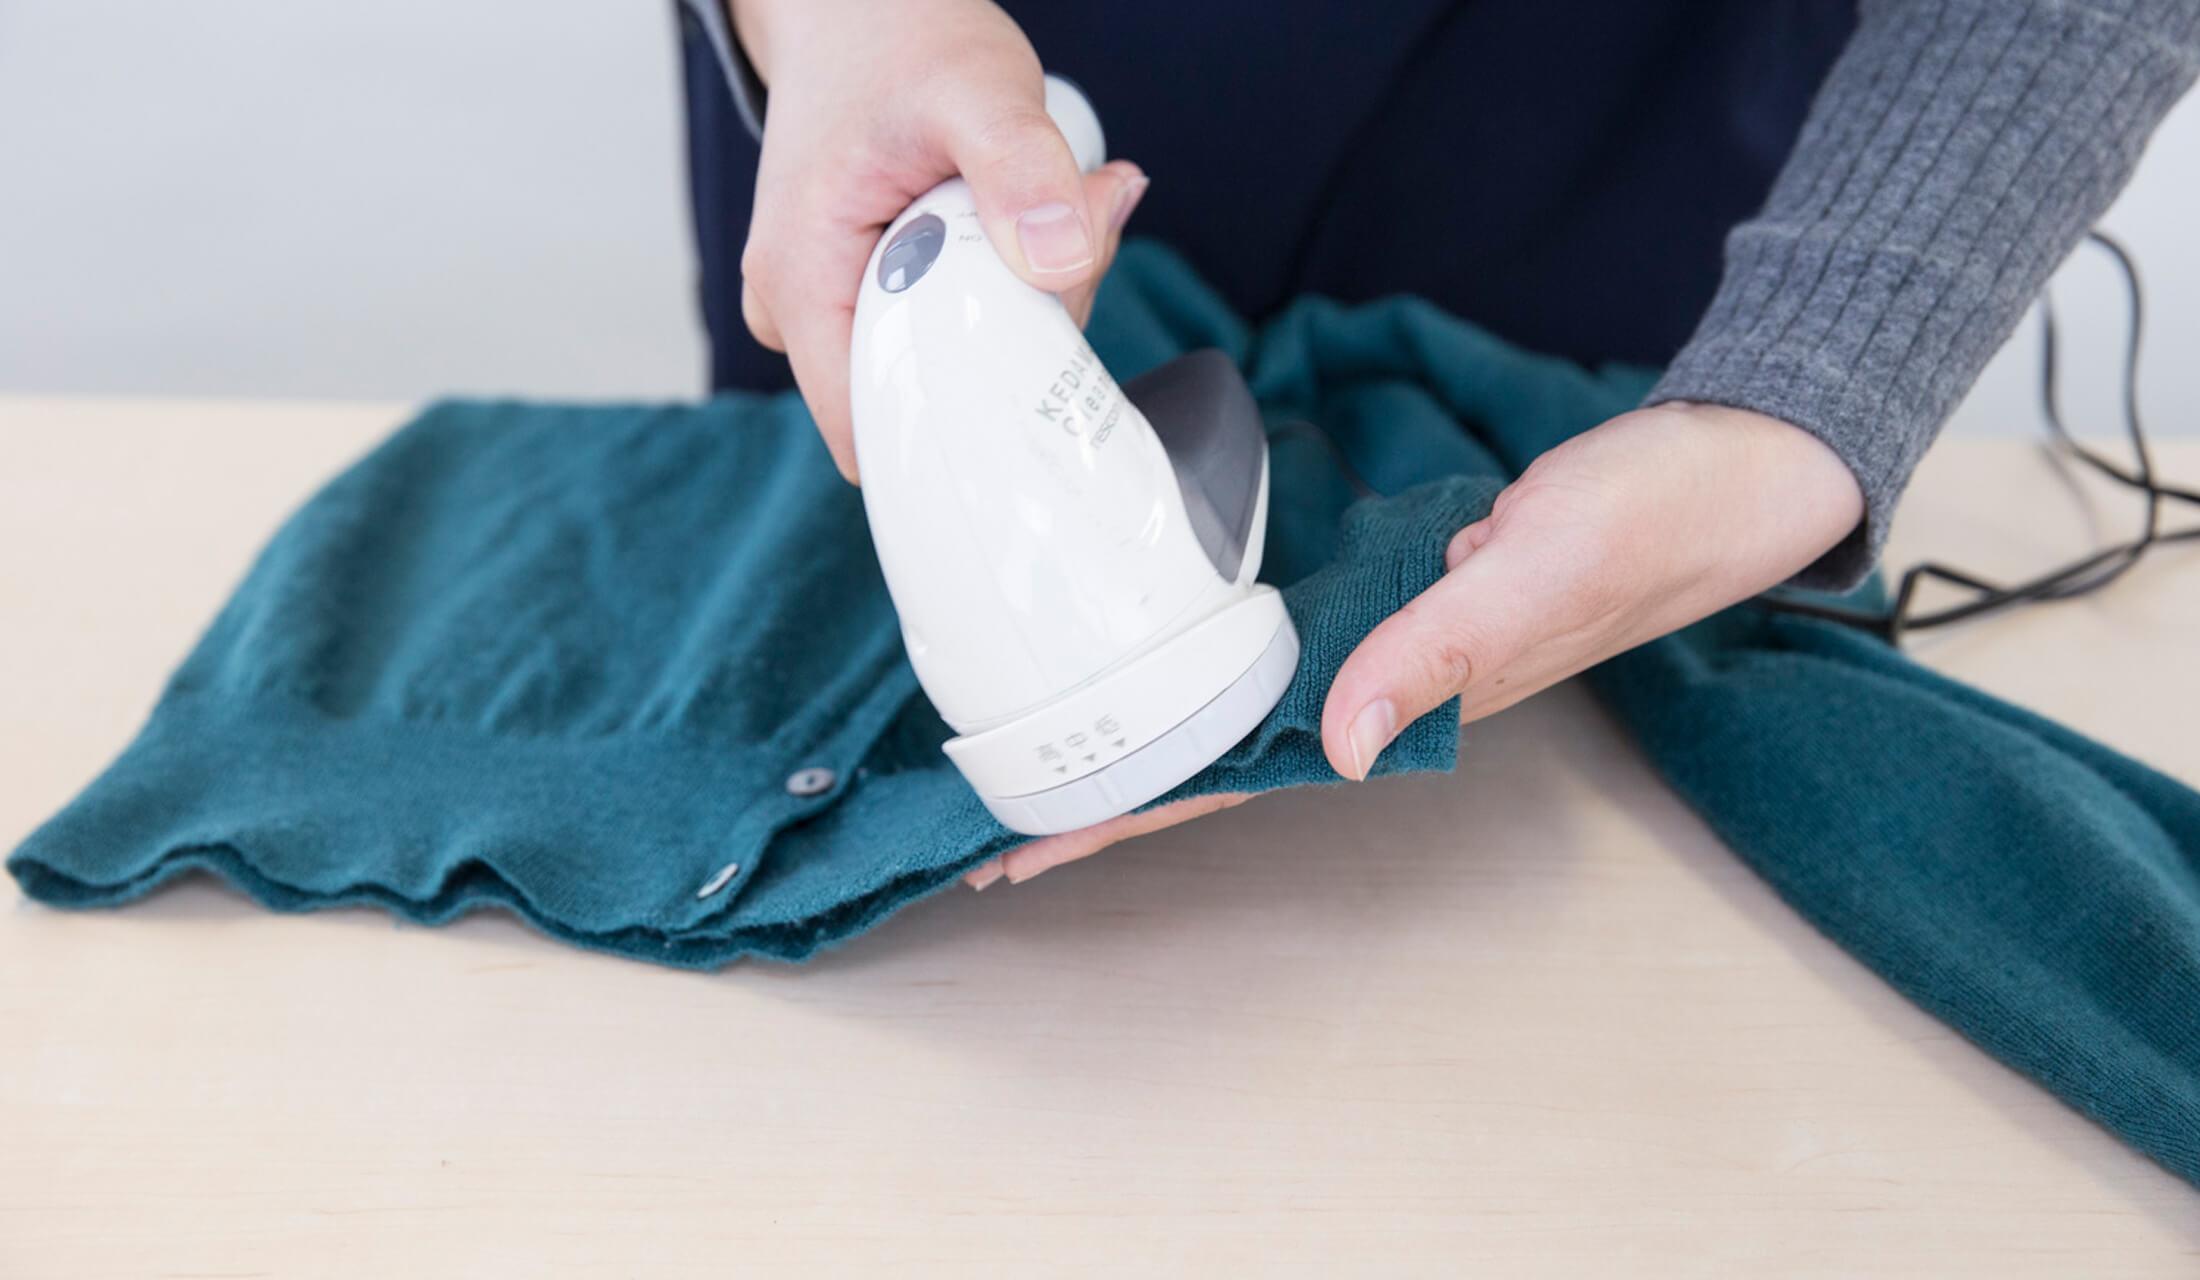 毛玉のついたグリーンのニットの裾を女性が手に持ち、白い電動毛玉取り器でケアをしている